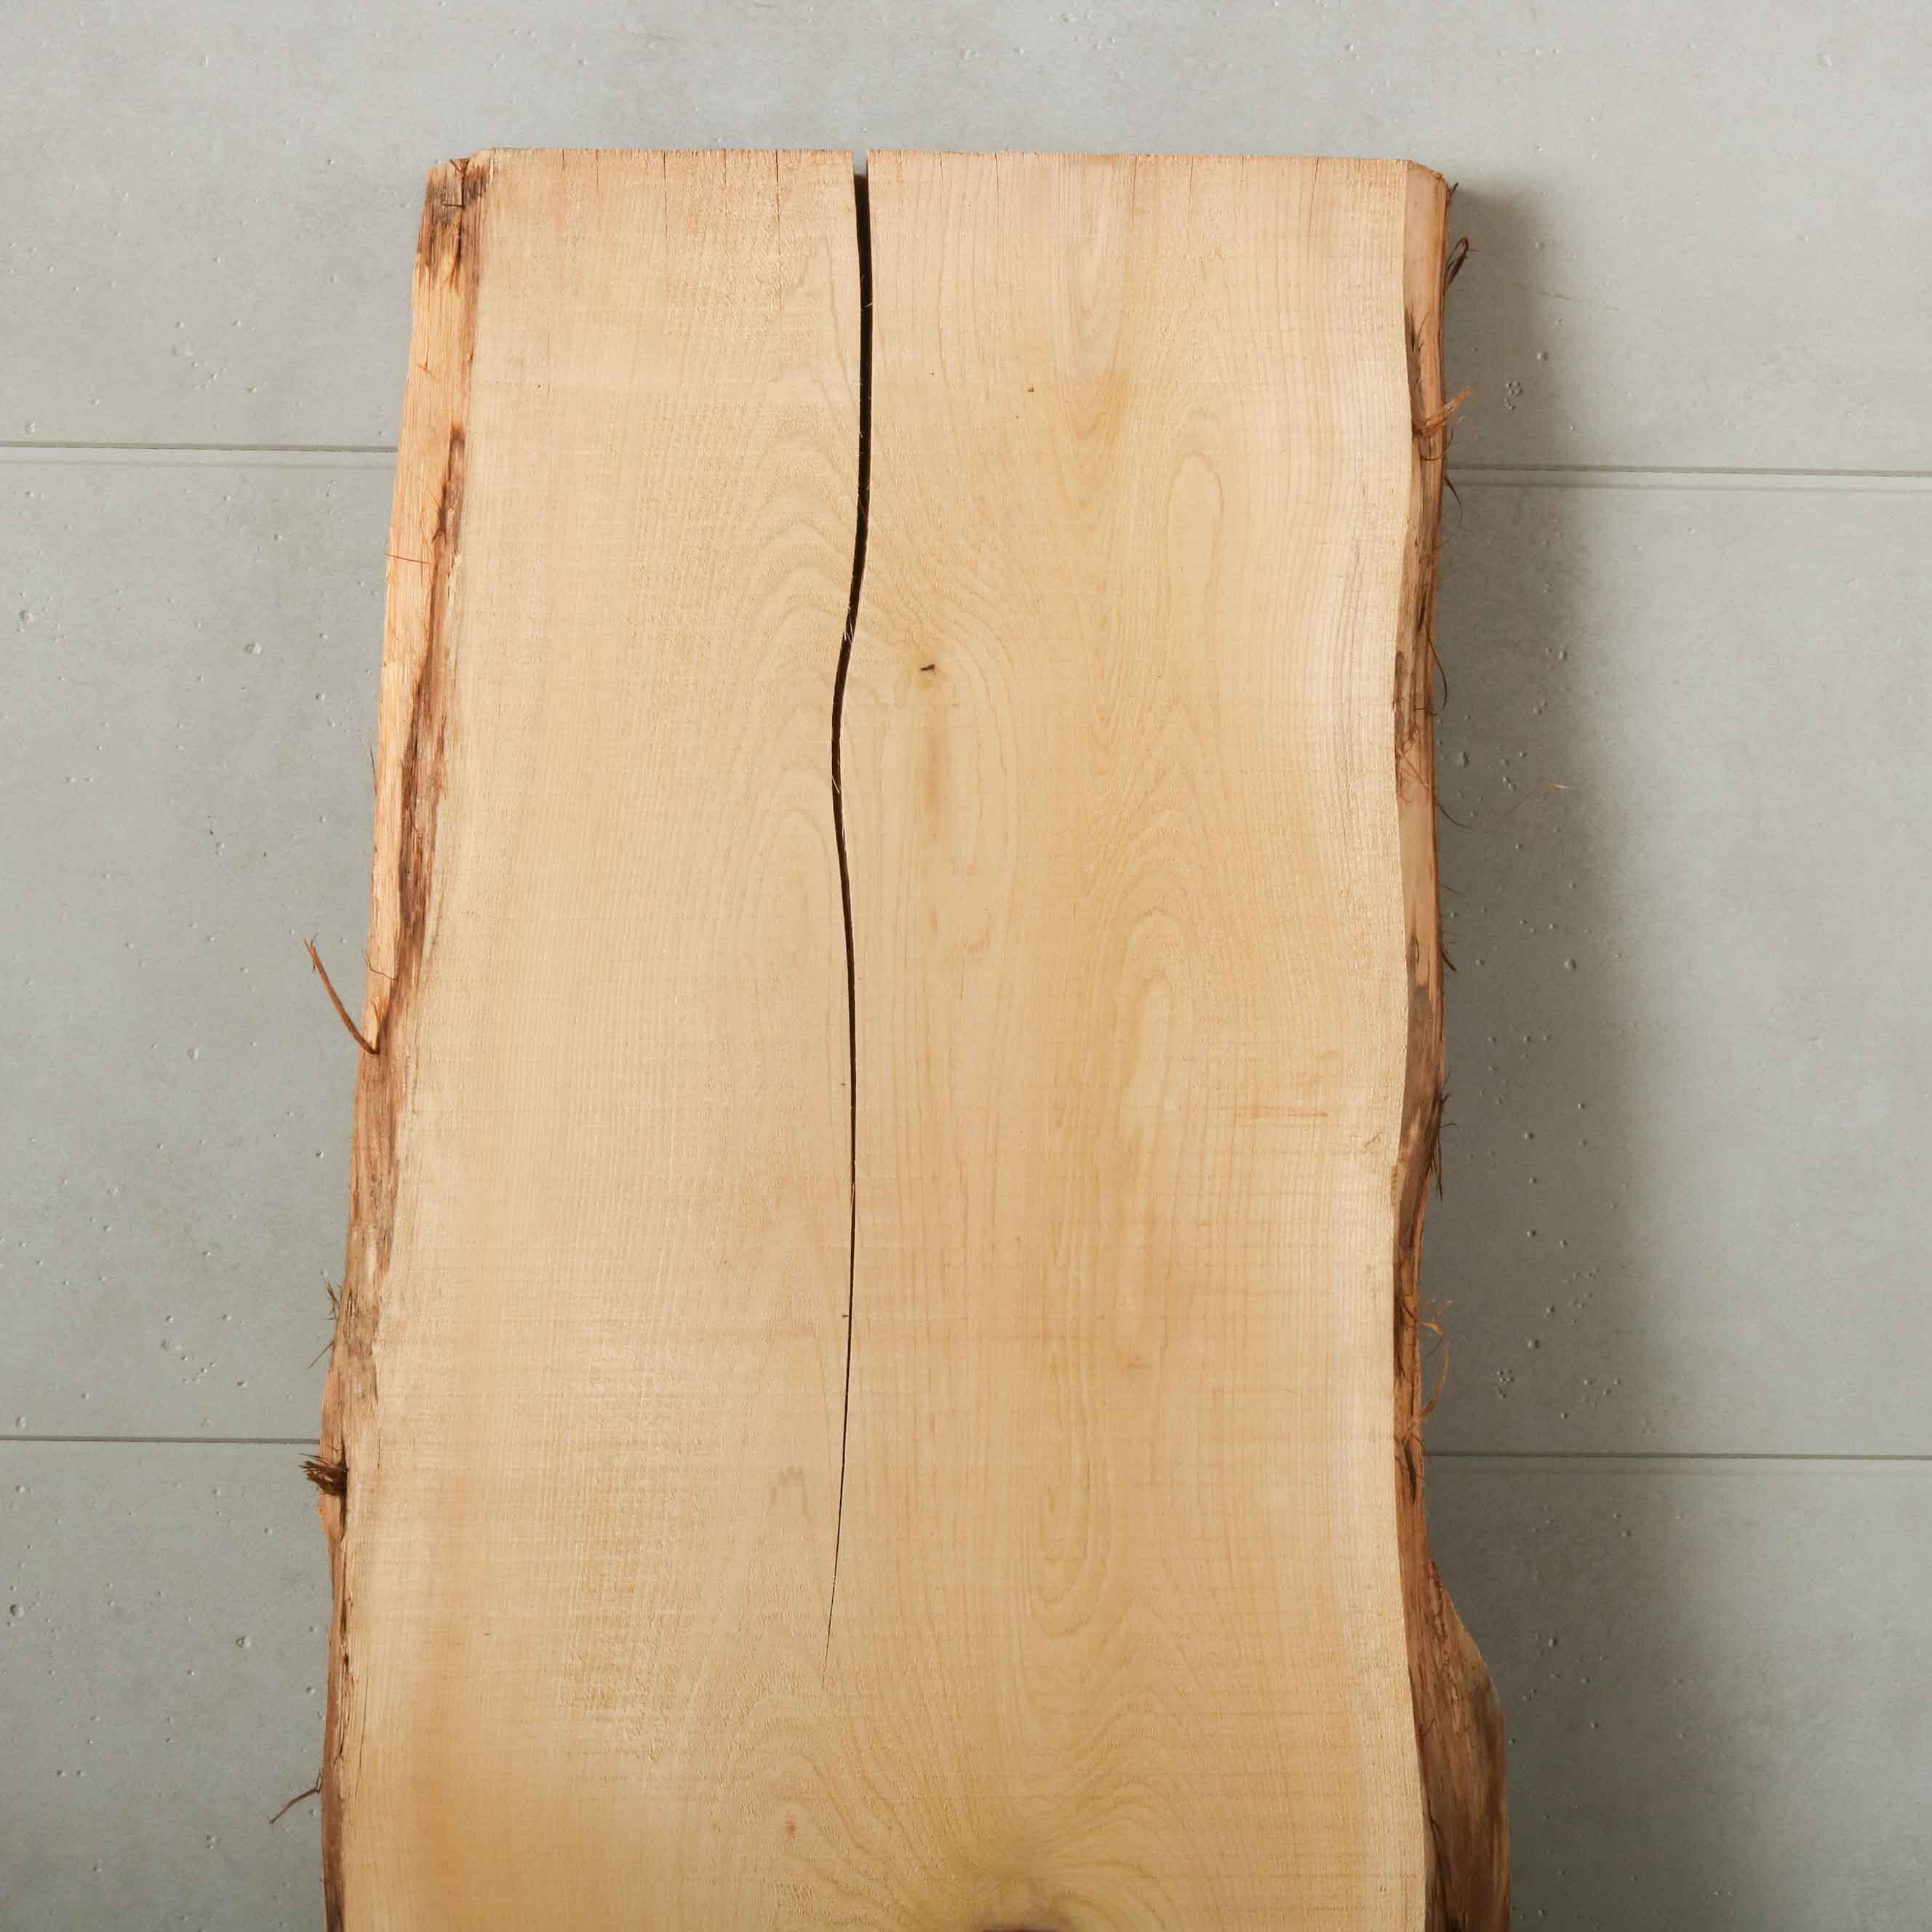 16-011 檜葉 (ヒバ) 一枚板 有限会社村口産業(下北郡)